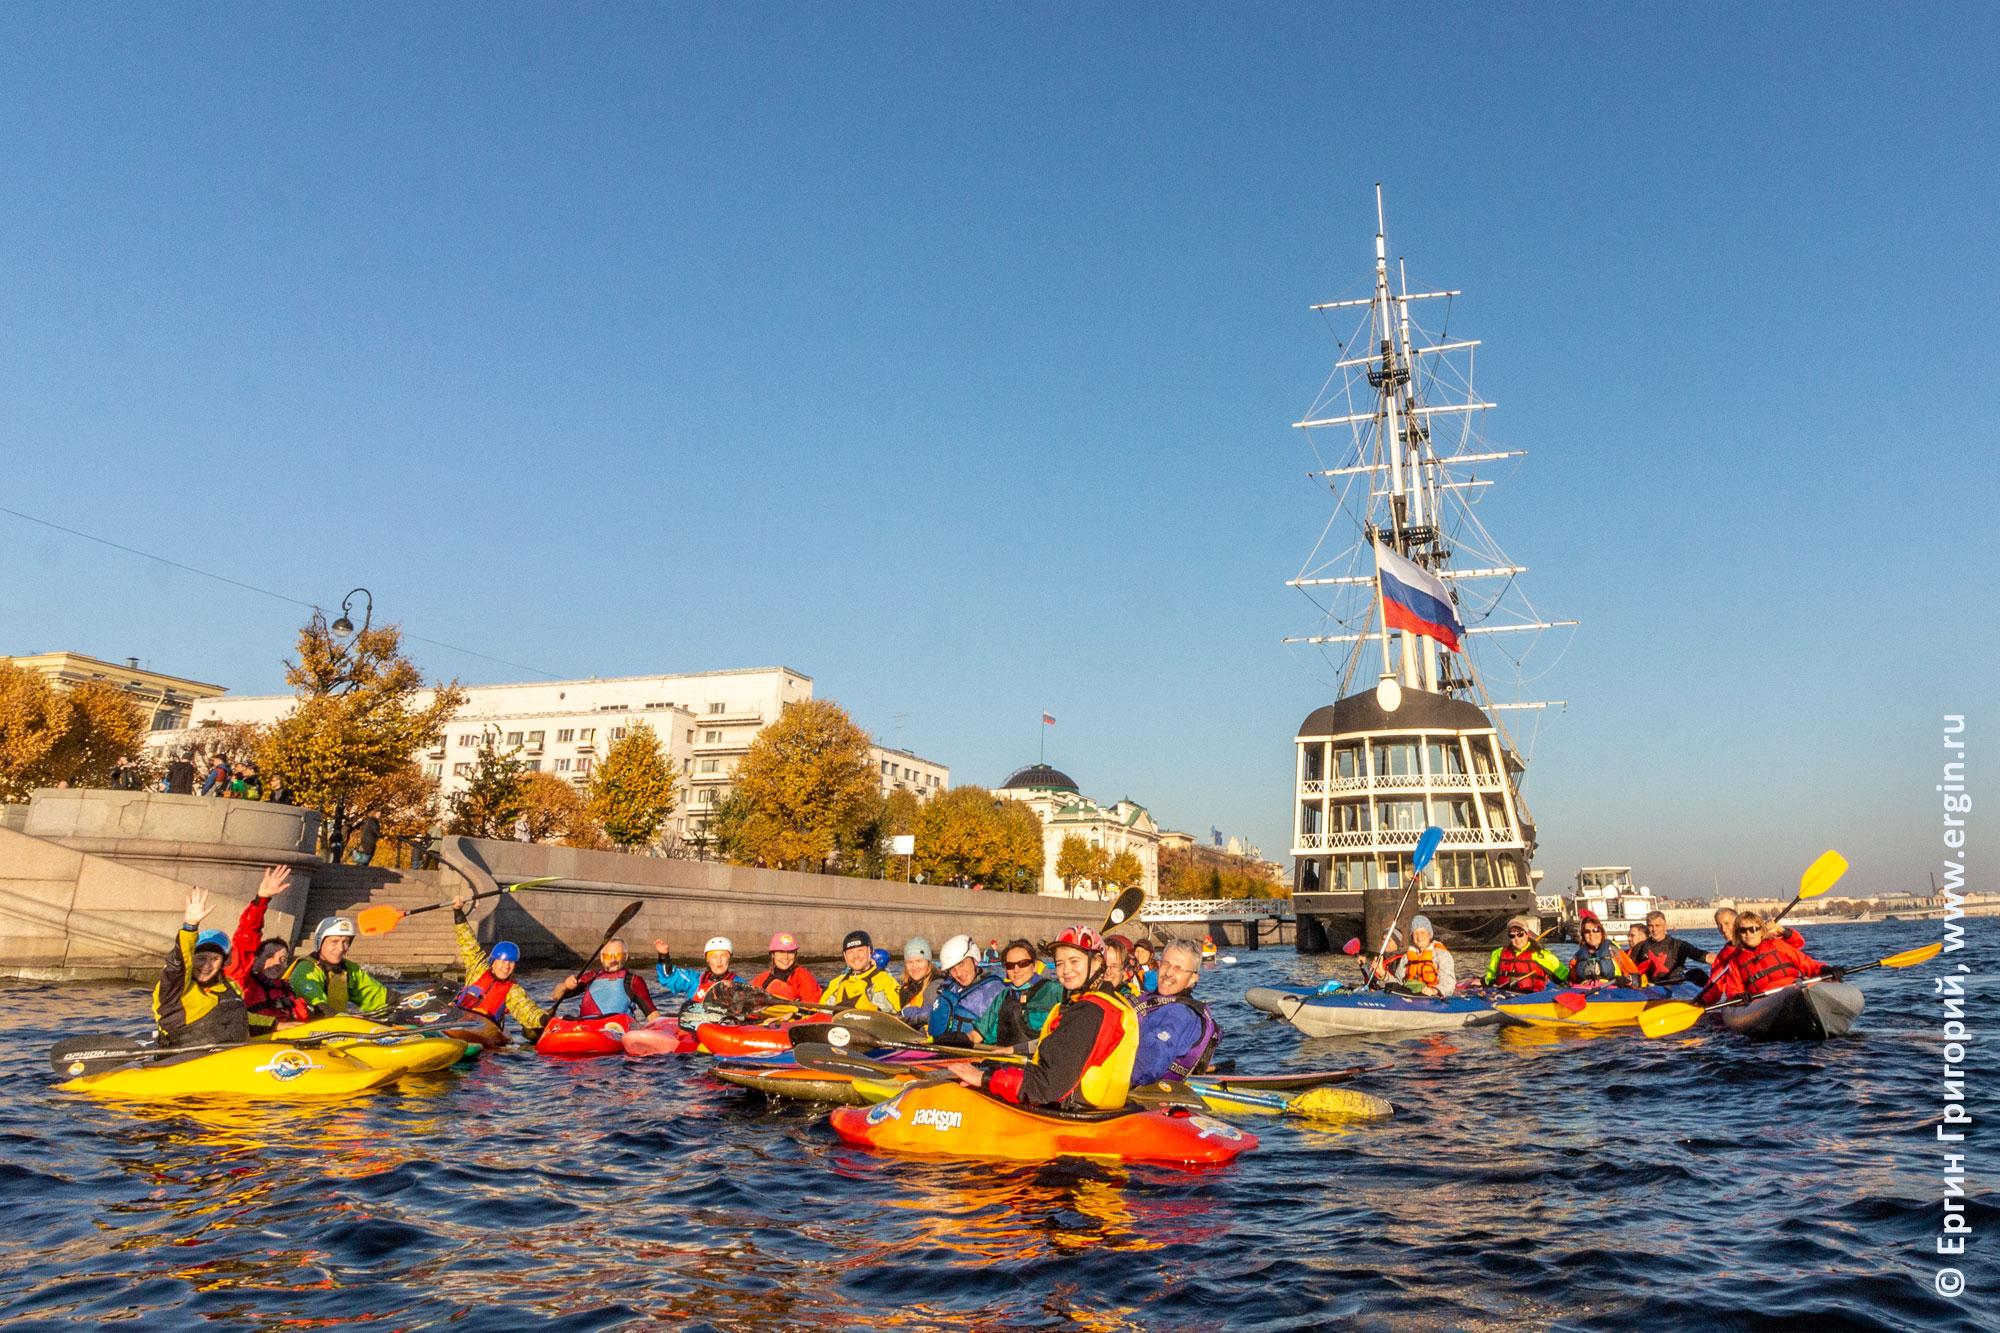 Фрегат Благодать и каякеры в Санкт-Петербурге Питер СПб